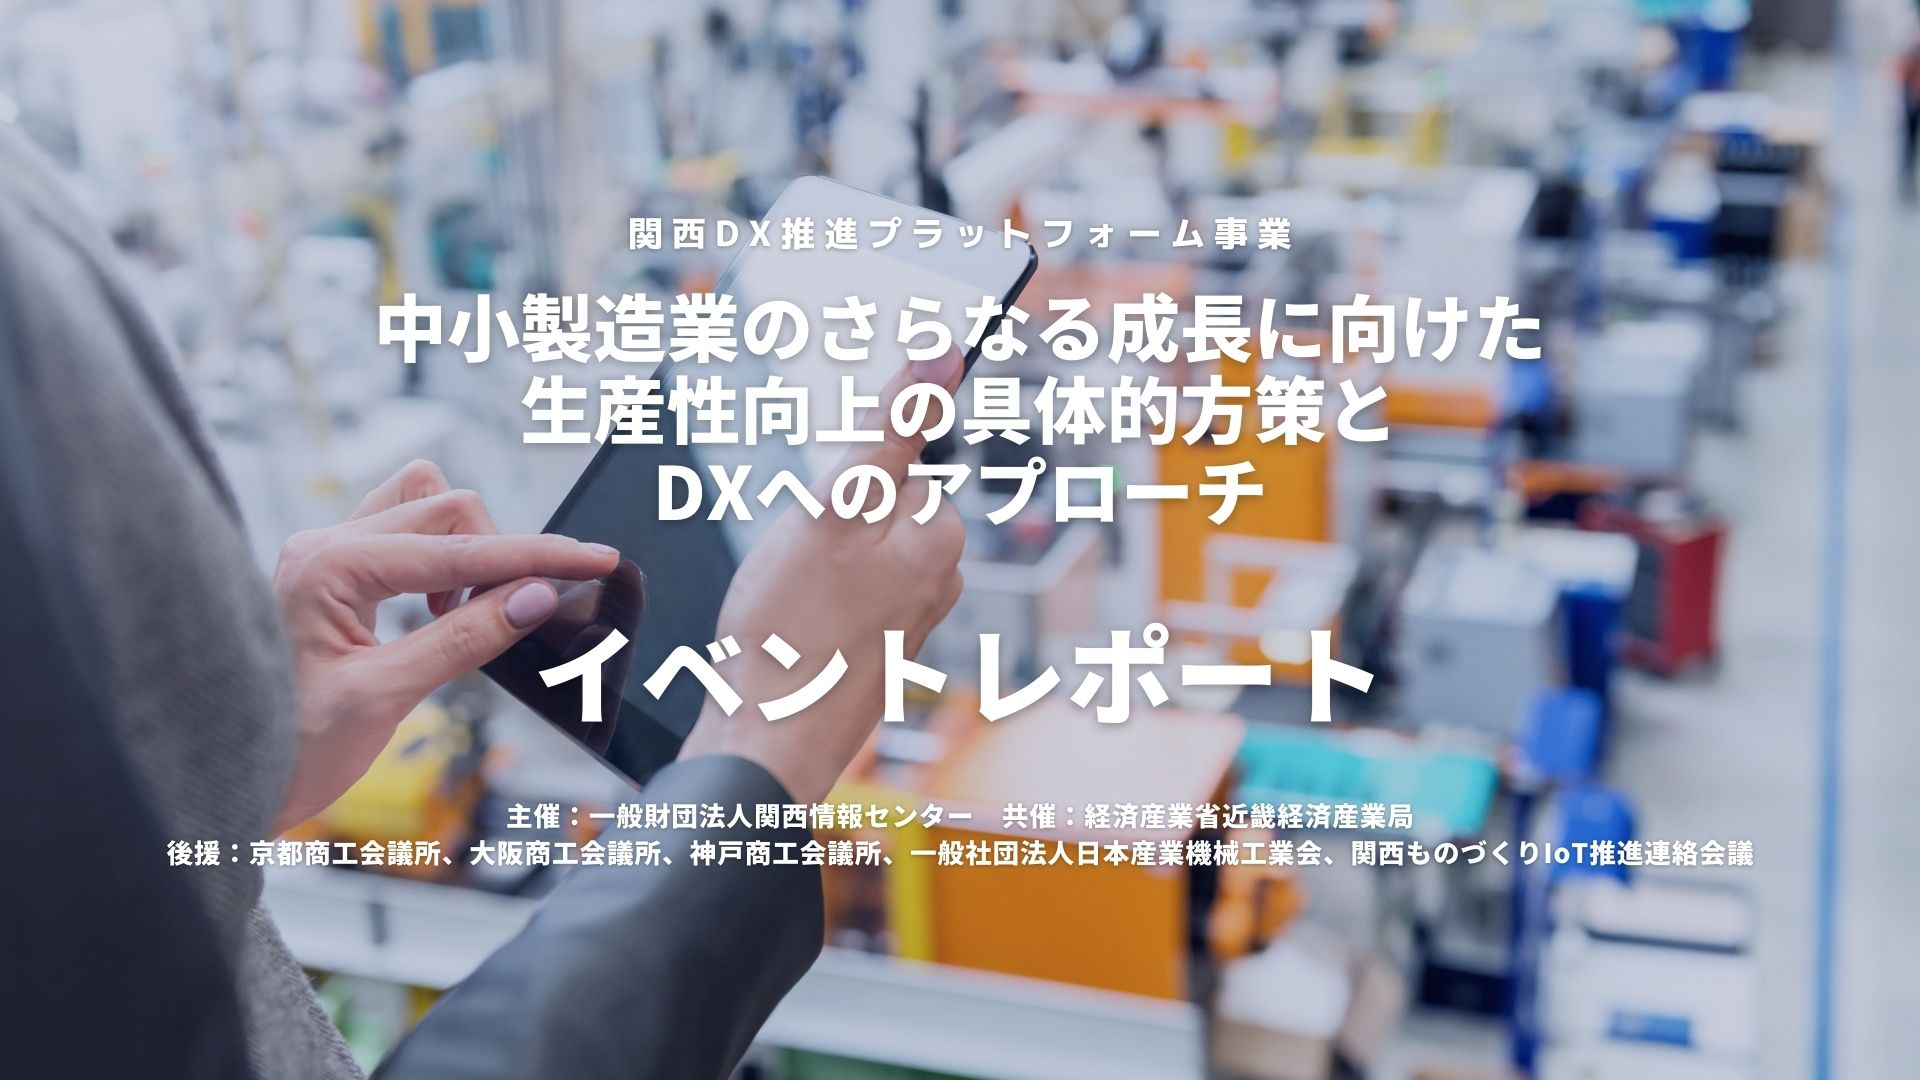 中小製造業のさらなる成長に向けた生産性向上の具体的方策とDXへのアプローチ